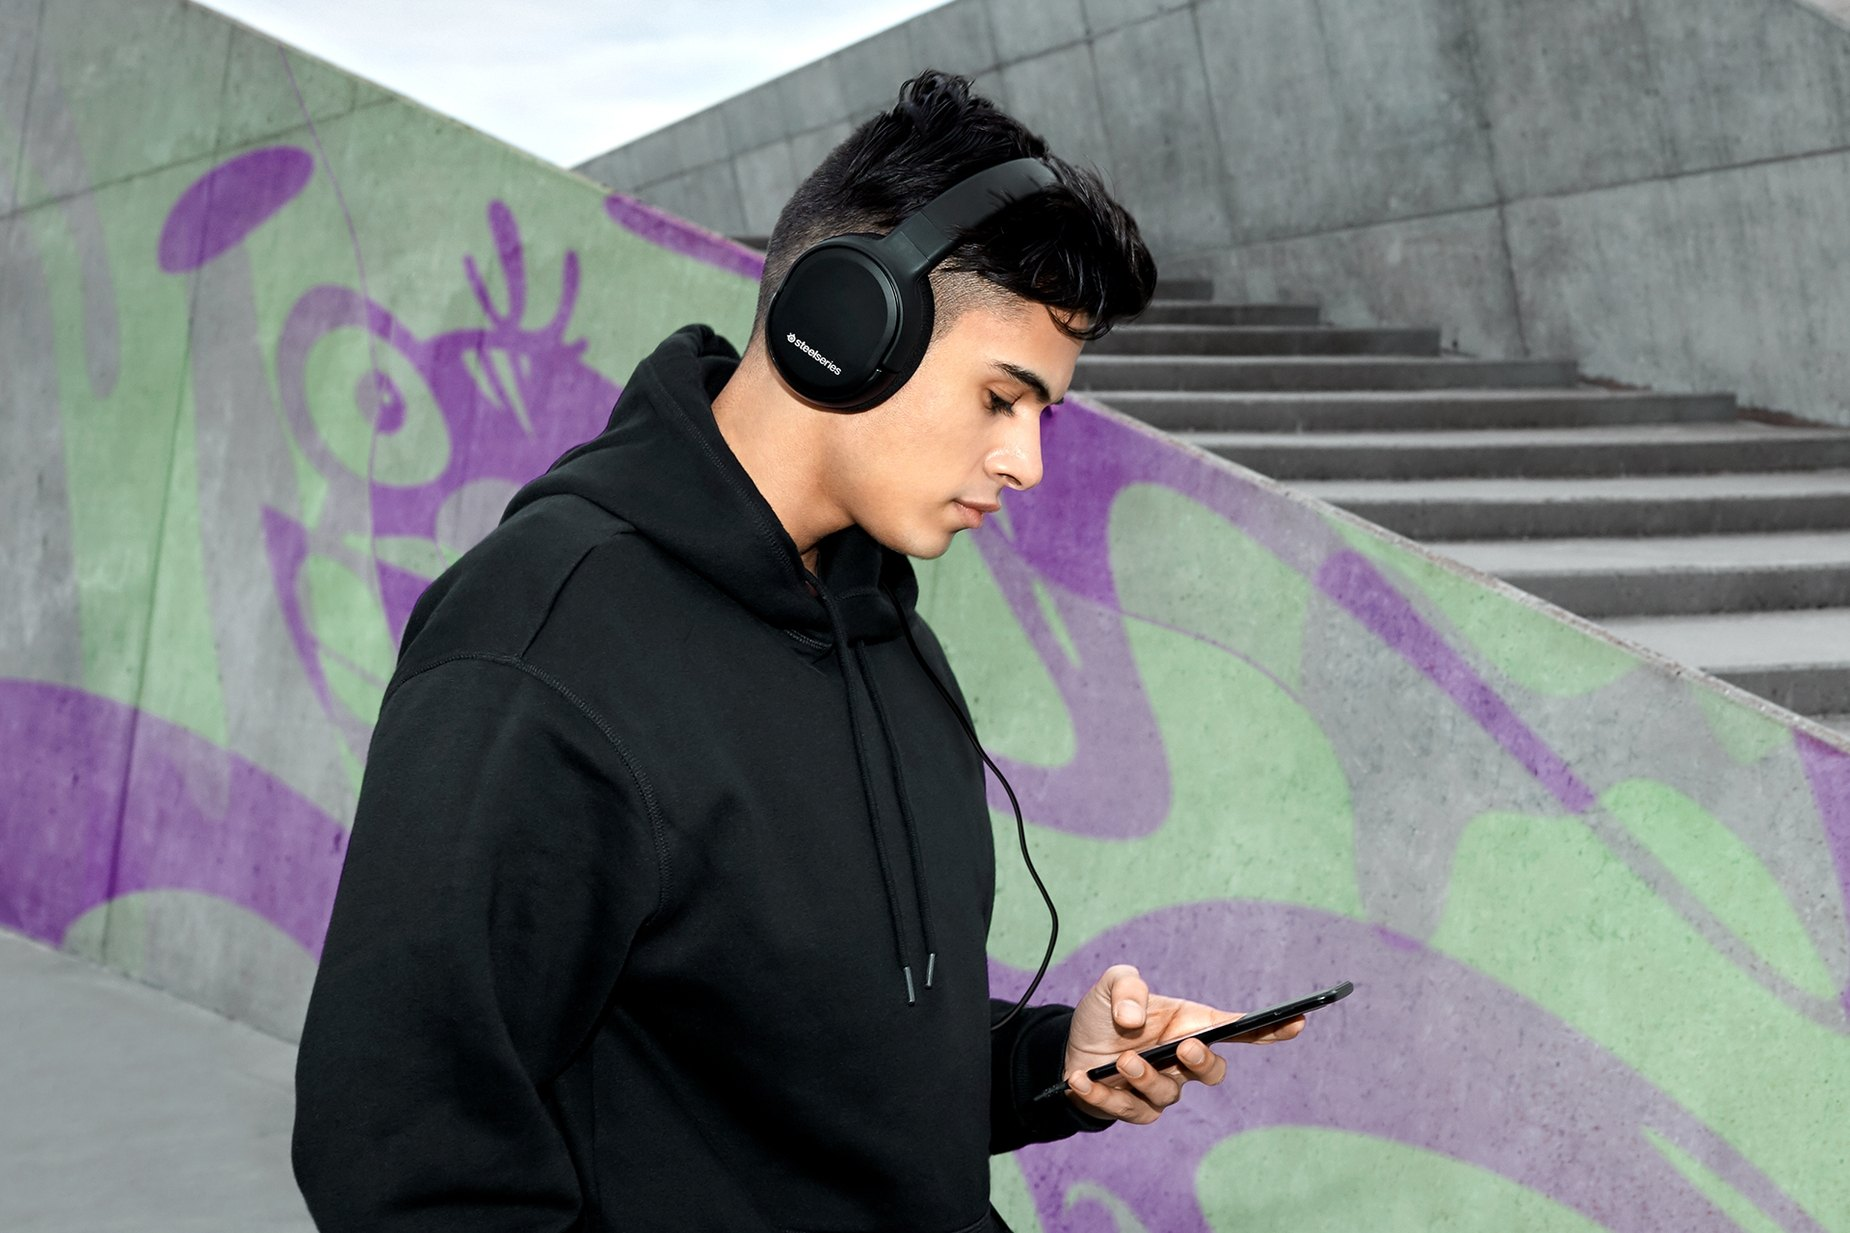 戶外玩家正在一個行動裝置上使用 Arctis 1 遊戲耳機聽音樂。